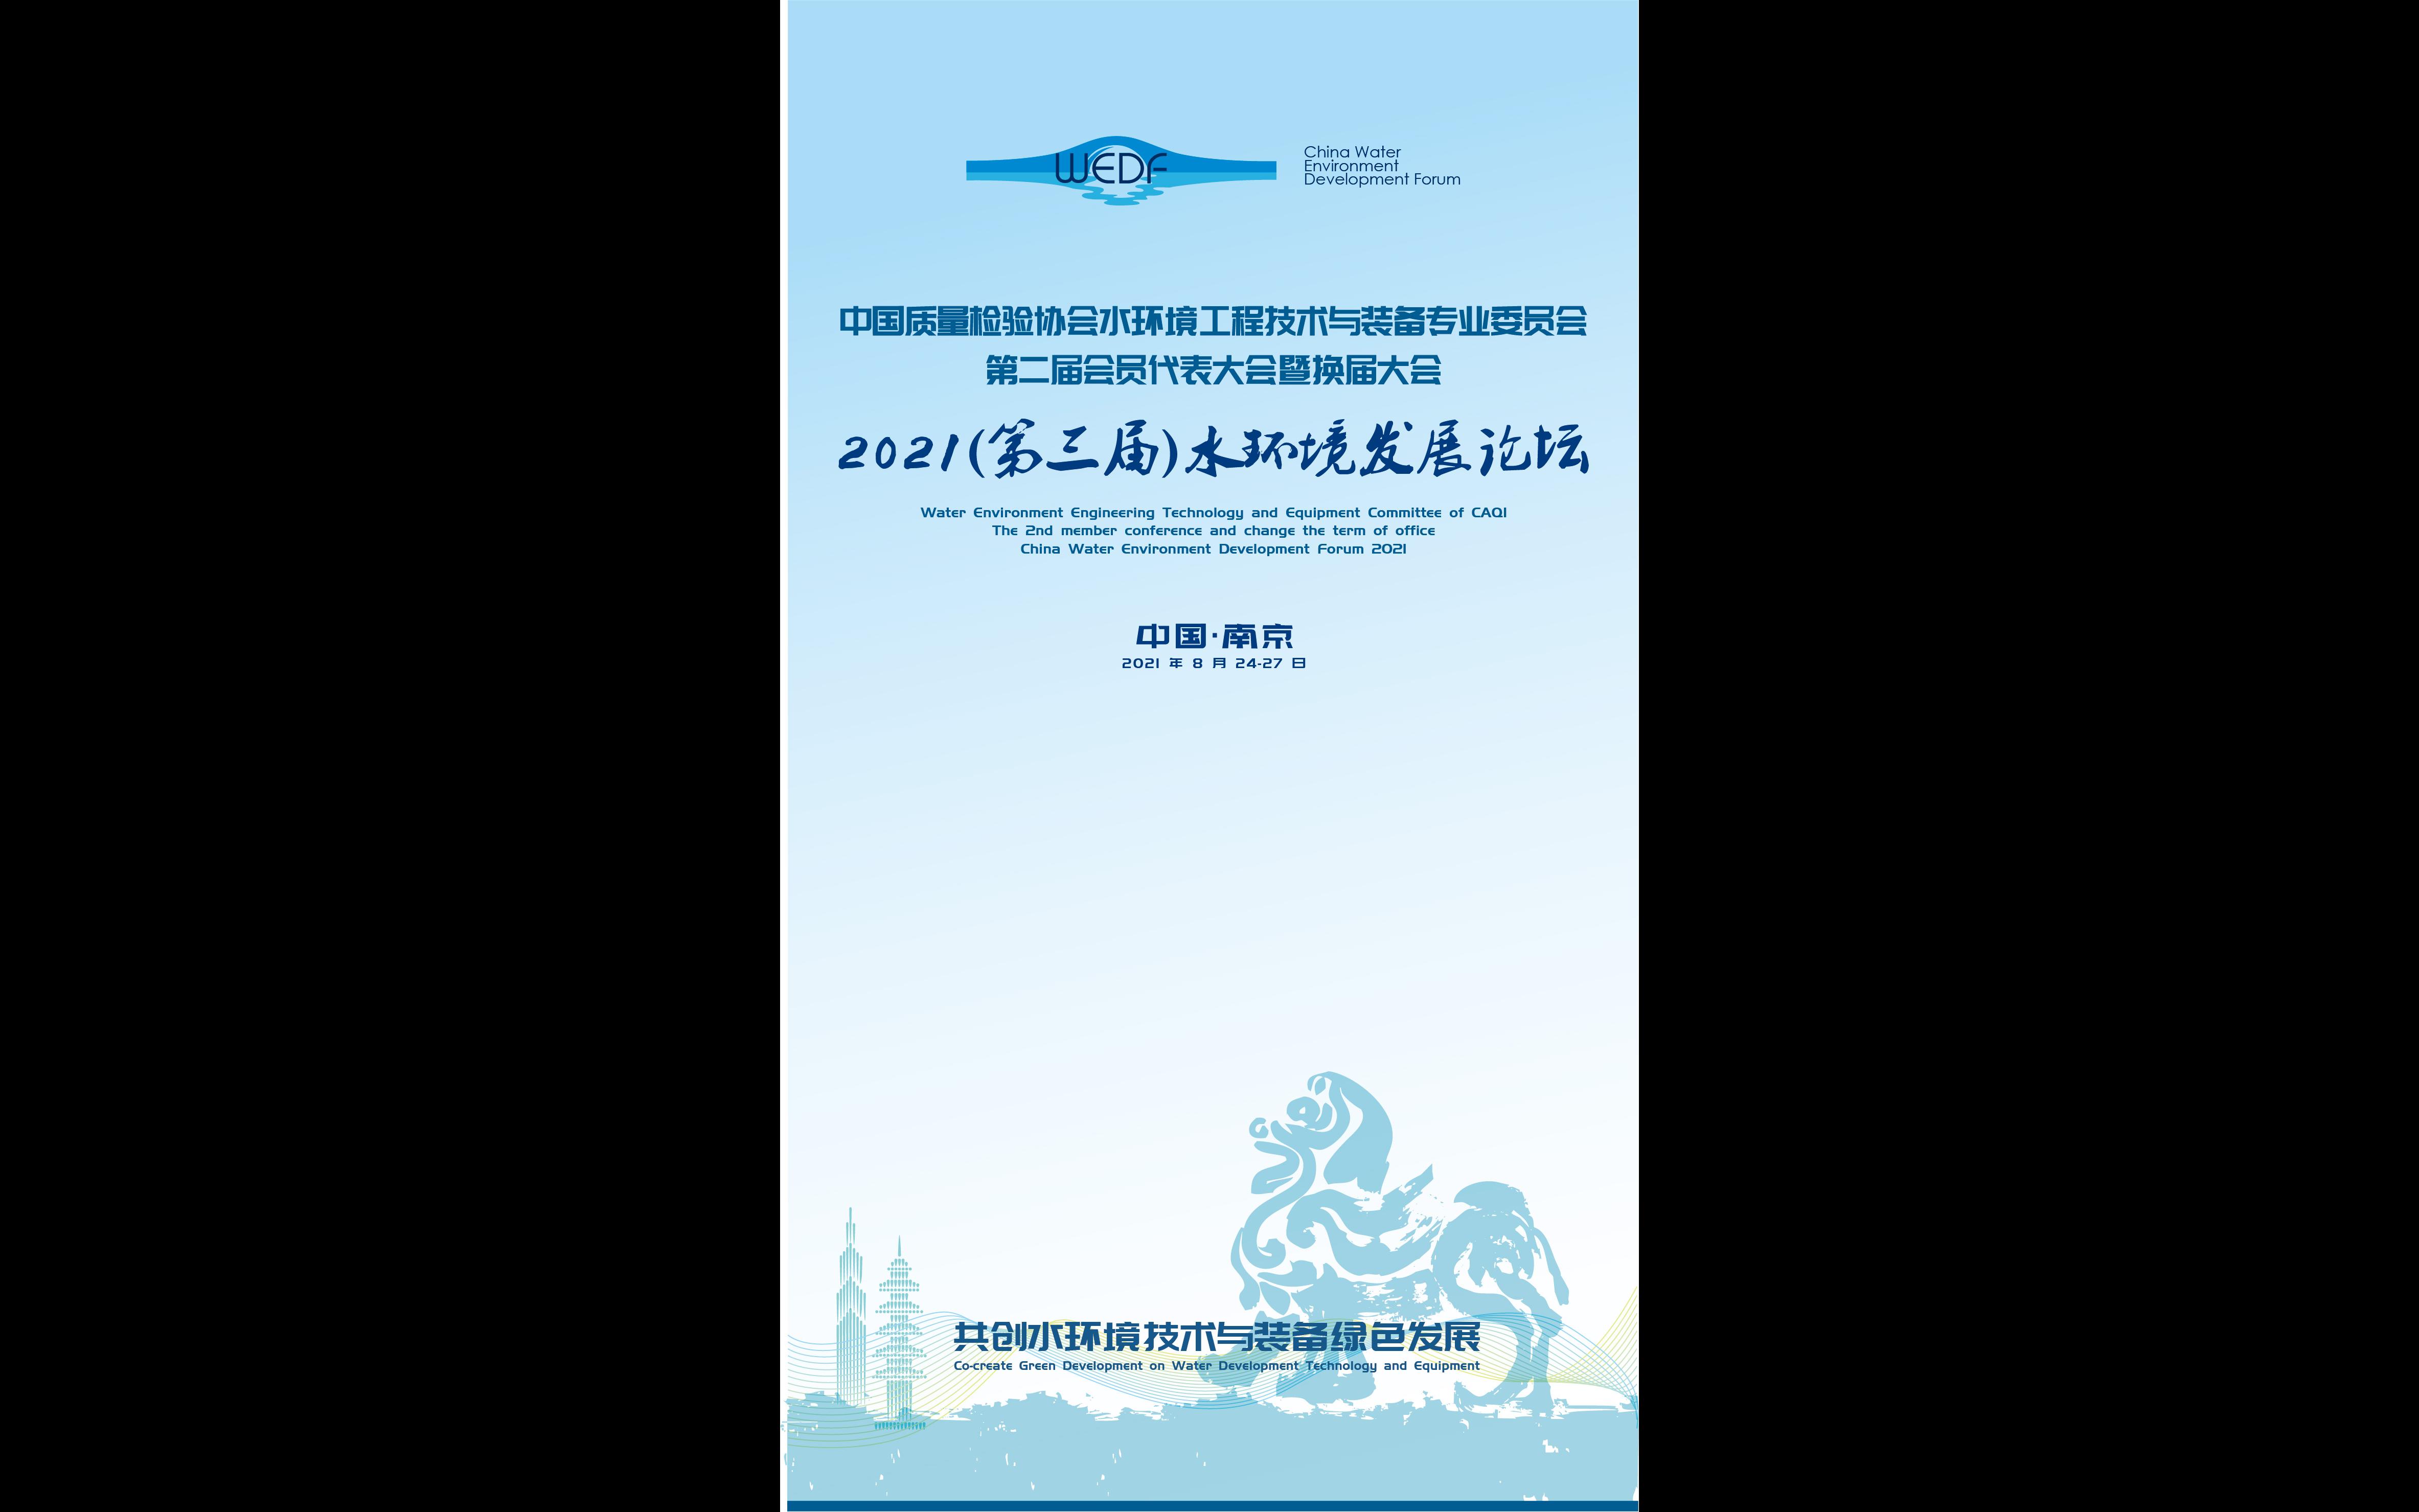 2021(第三届)水环境发展论坛